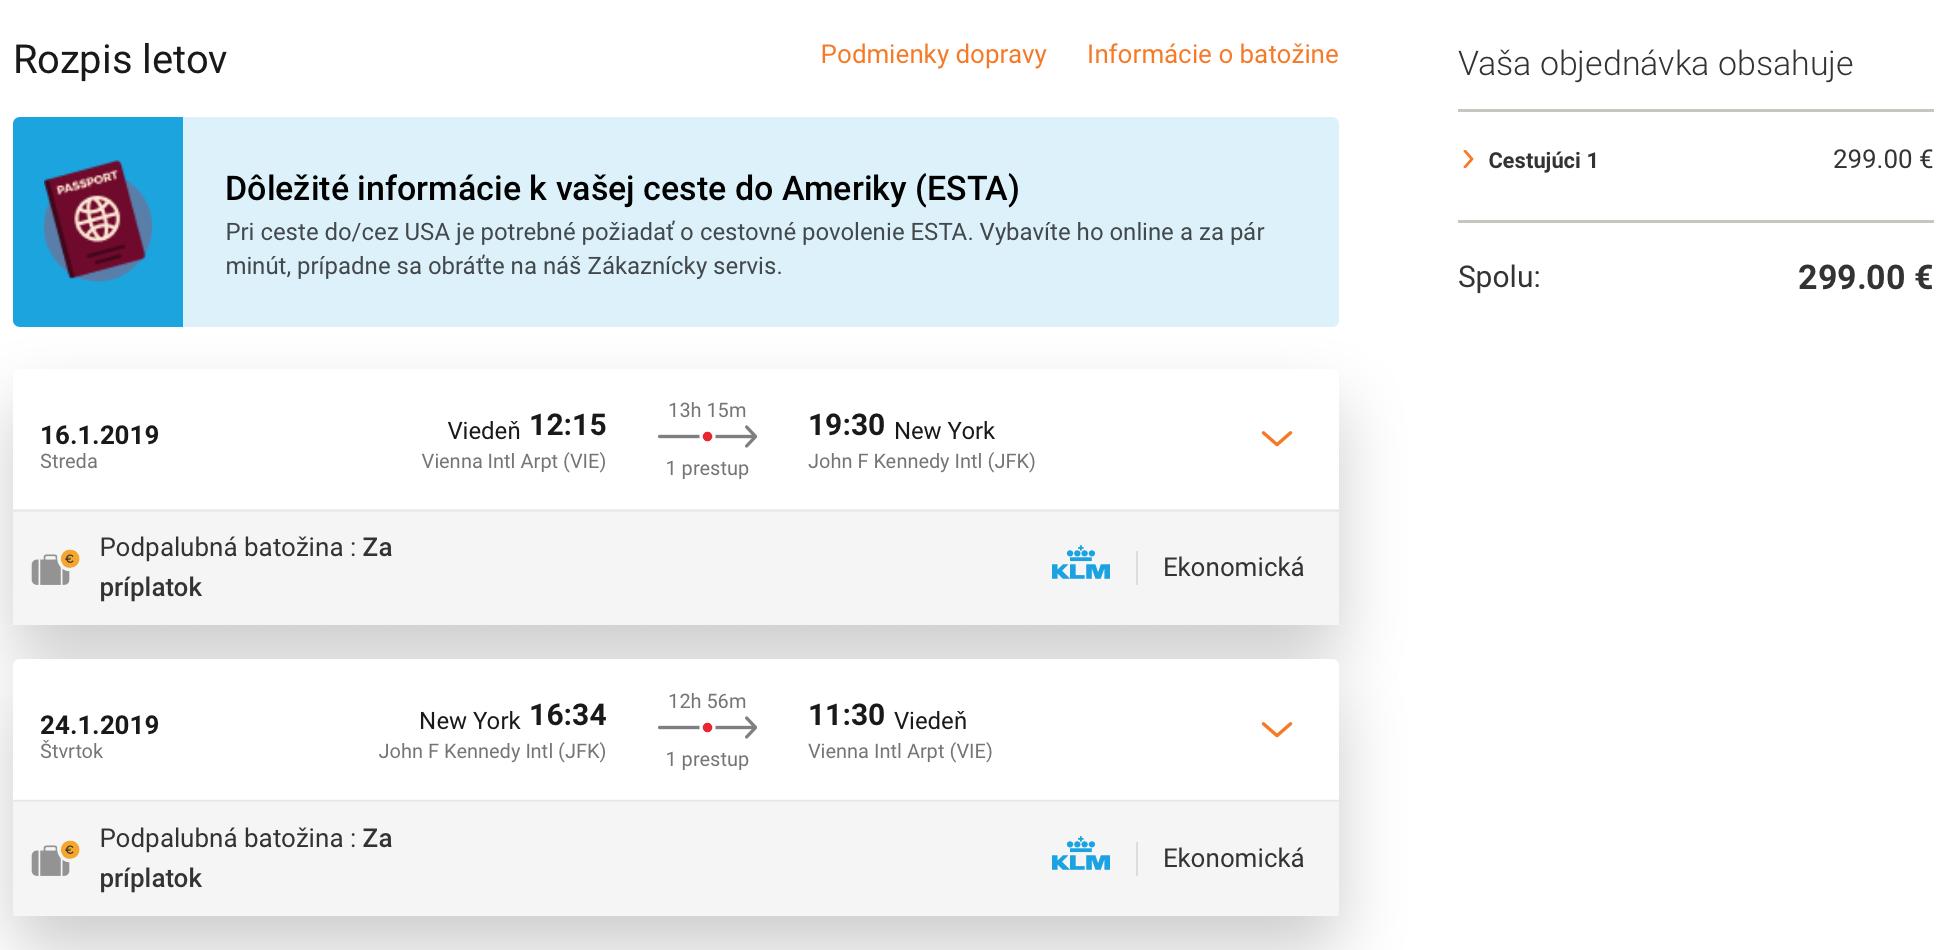 NEW YORK: na novoročné výpredaje s letenkami z Viedne za skvelých 299€